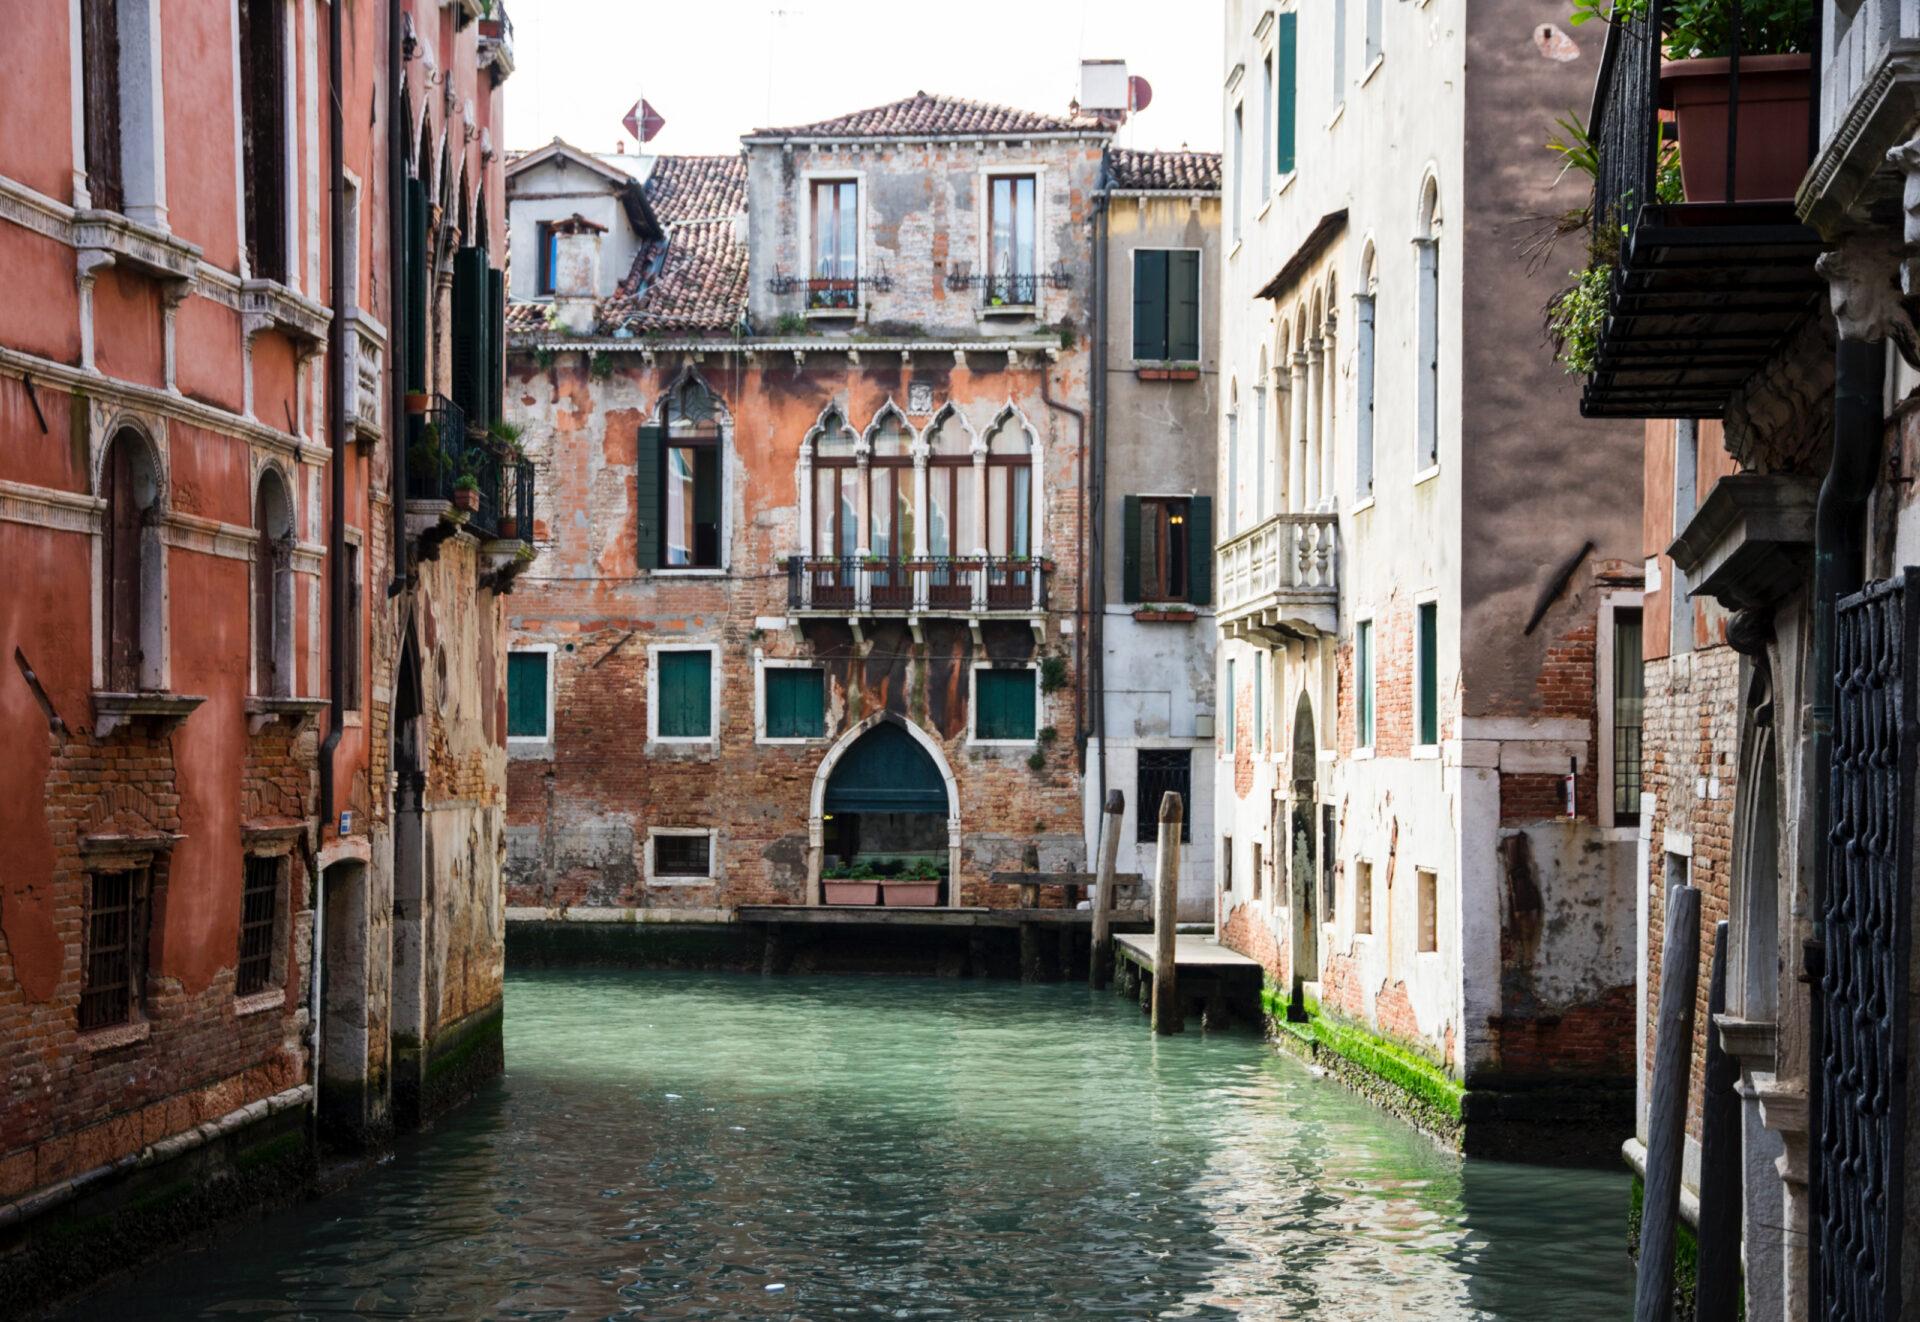 C'est Venice